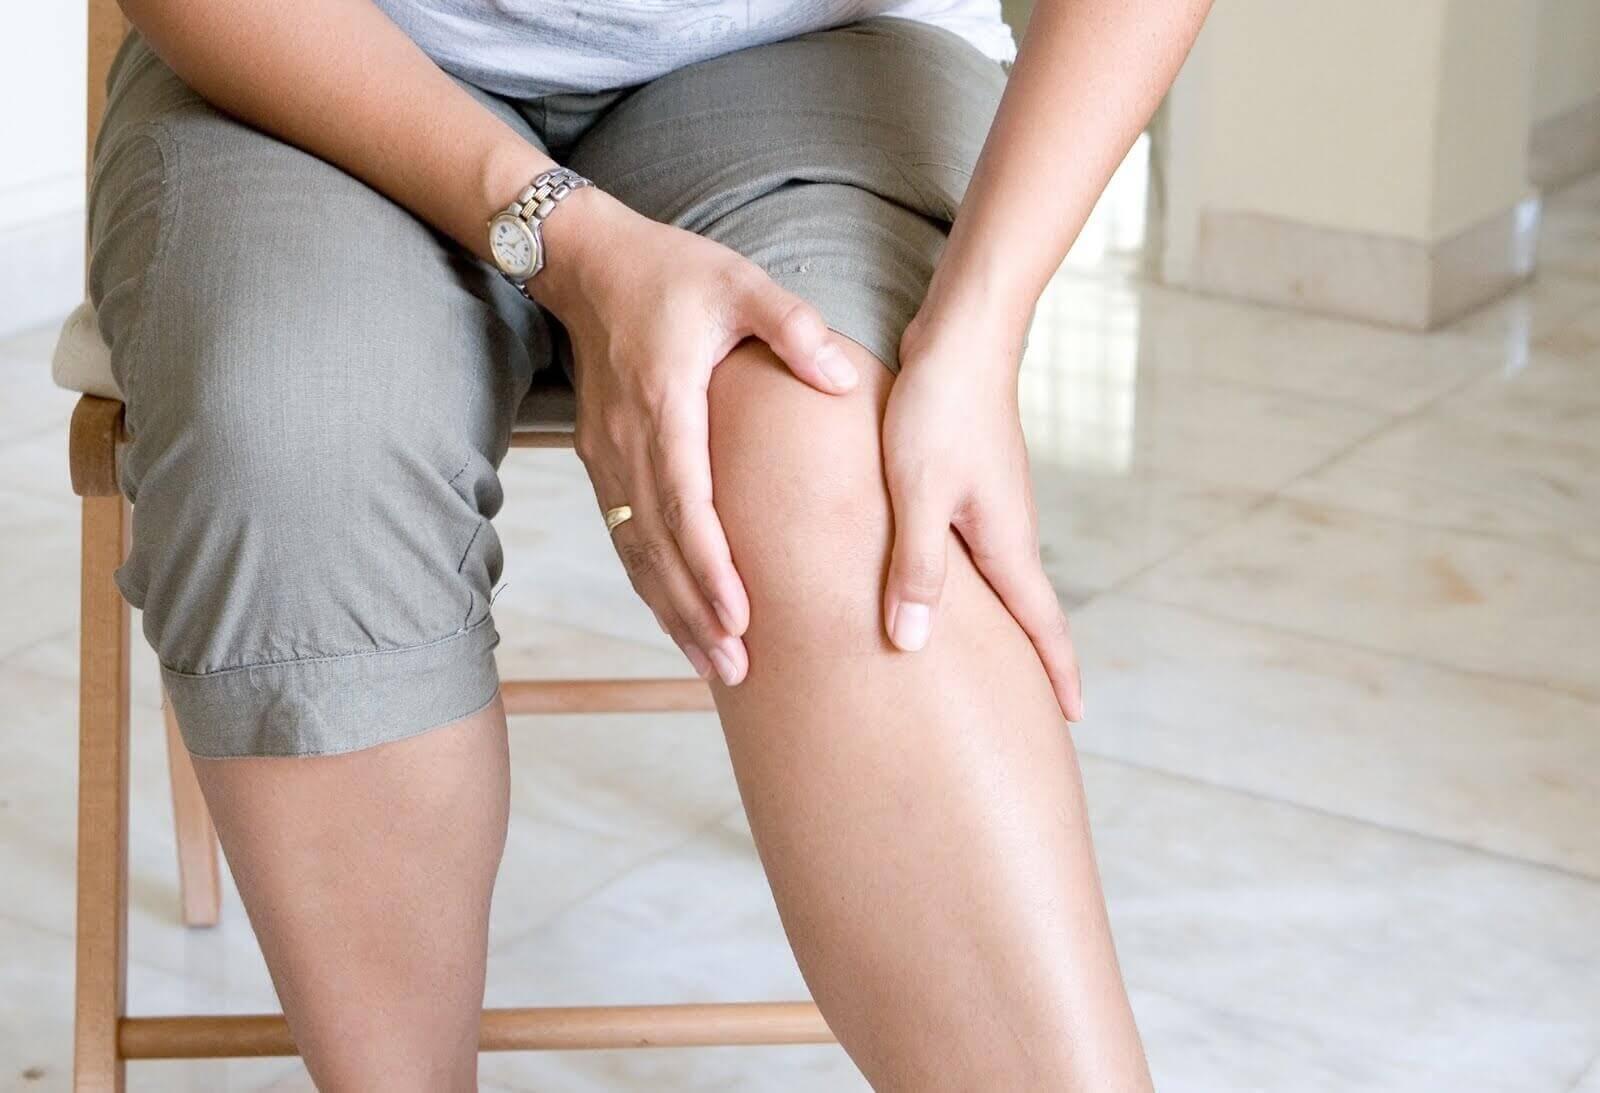 Leg pain.